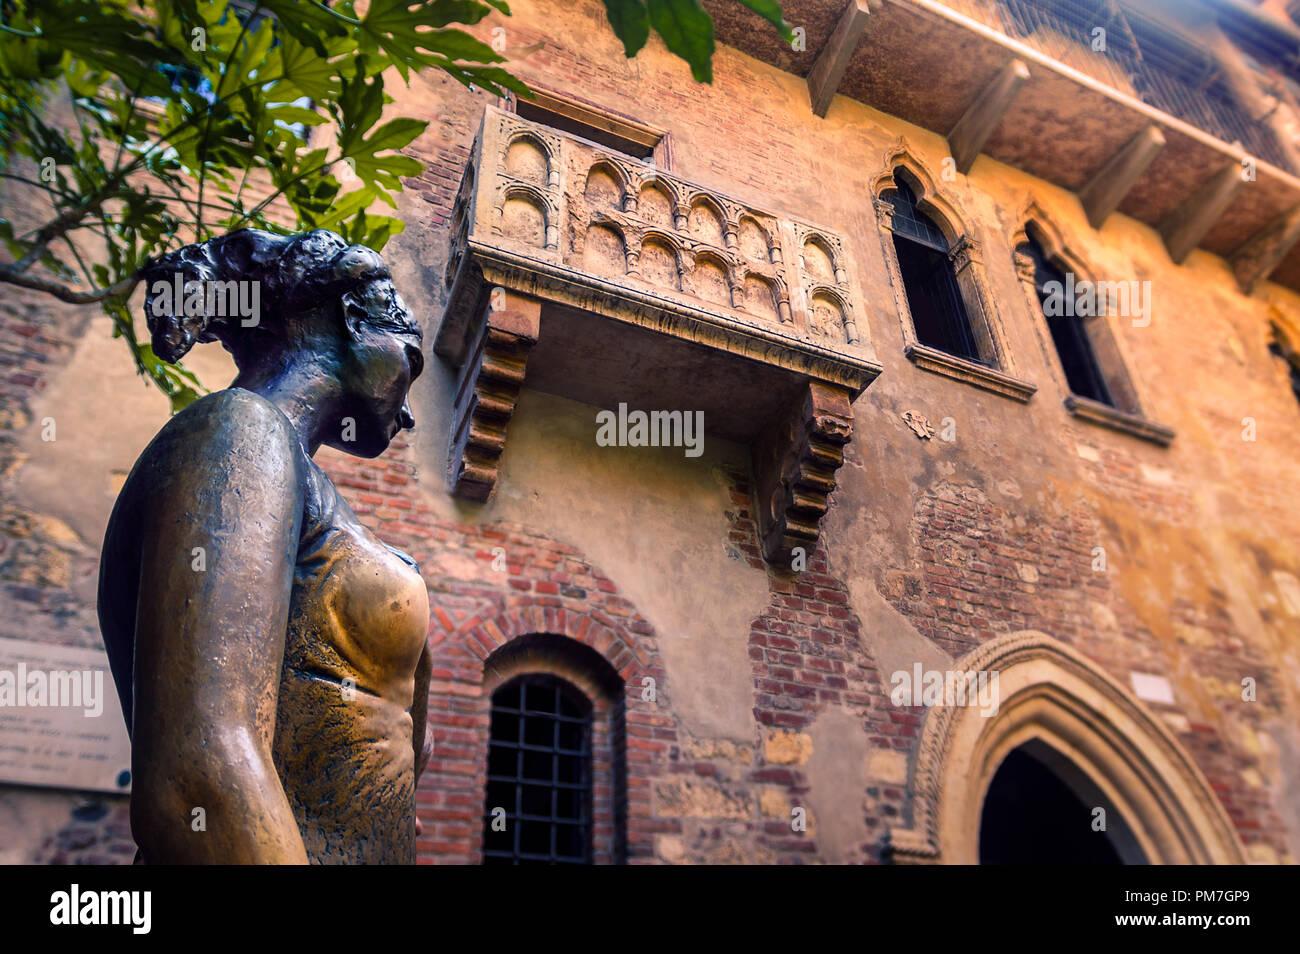 Juliet's Balcony in Verona, Italy Stock Photo